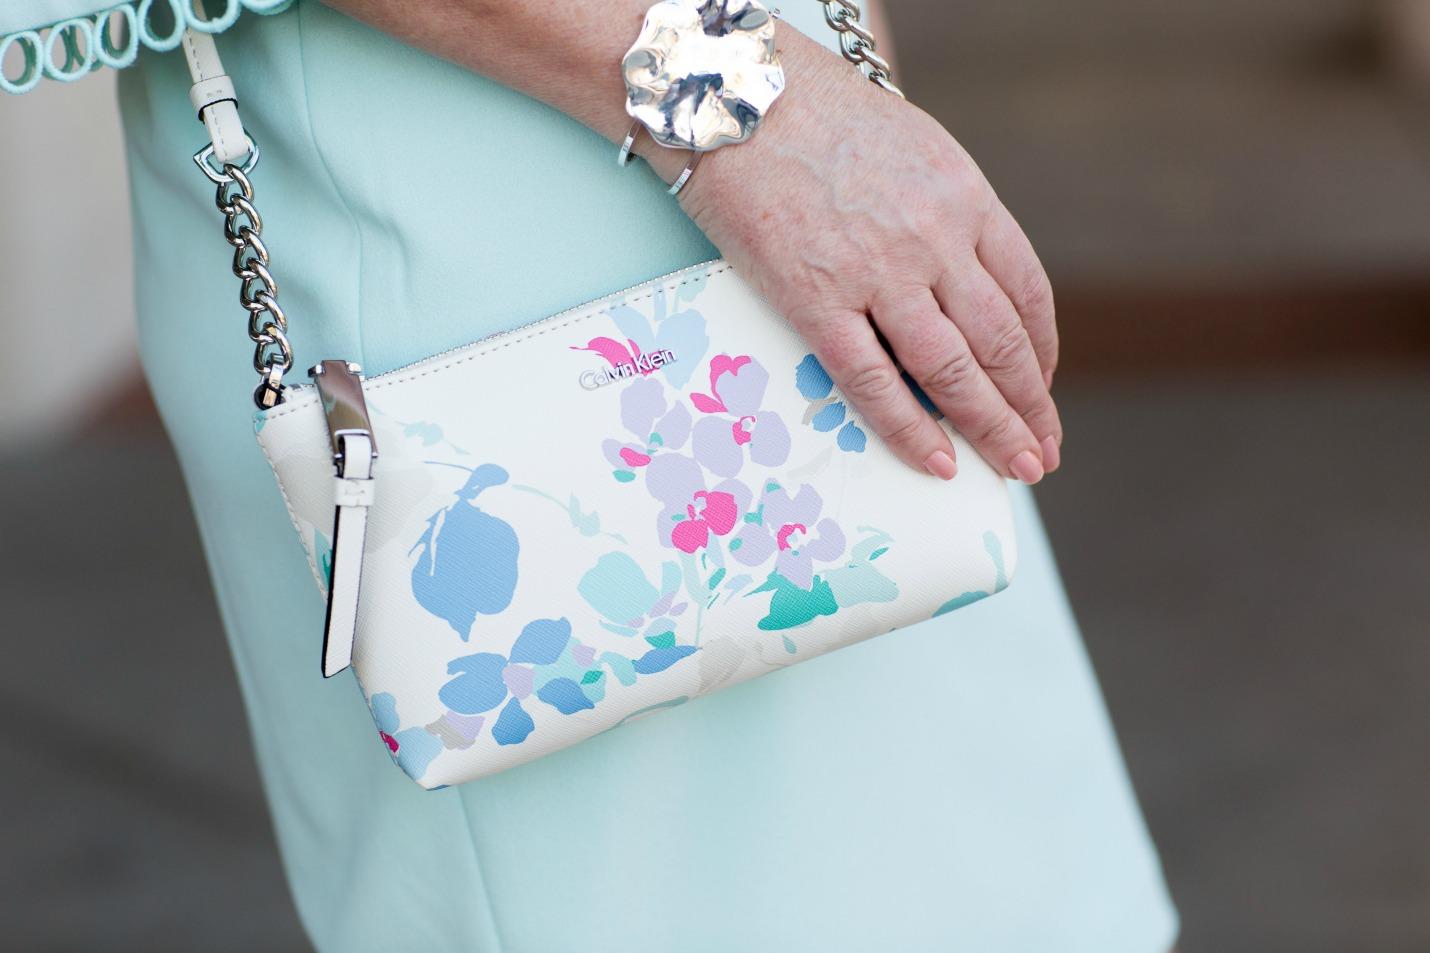 Calvin Klein Printed Cross Body Handbag